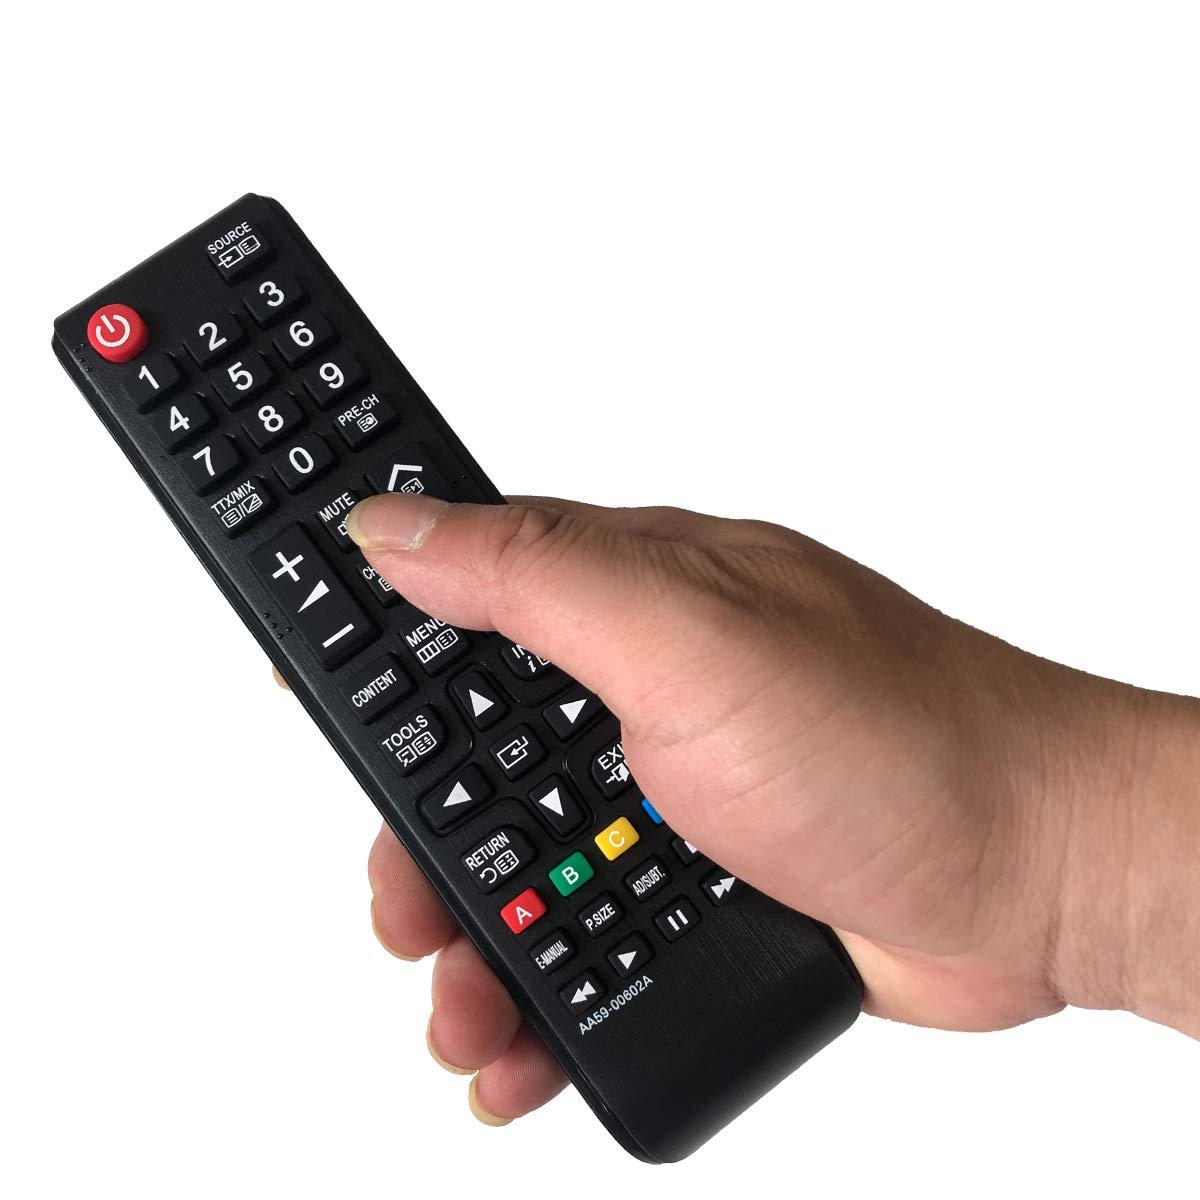 EAESE AA59-00602A Reemplazo Mando a Distancia para Samsung Controles Remotos de Samsung TV AA59 00602A Smart TV UE32EH4003 W UE22ES5000 UE26EH4000 W UE32EH5000 W UE40EH5000 W PS51E450 A1W: Amazon.es: Electrónica